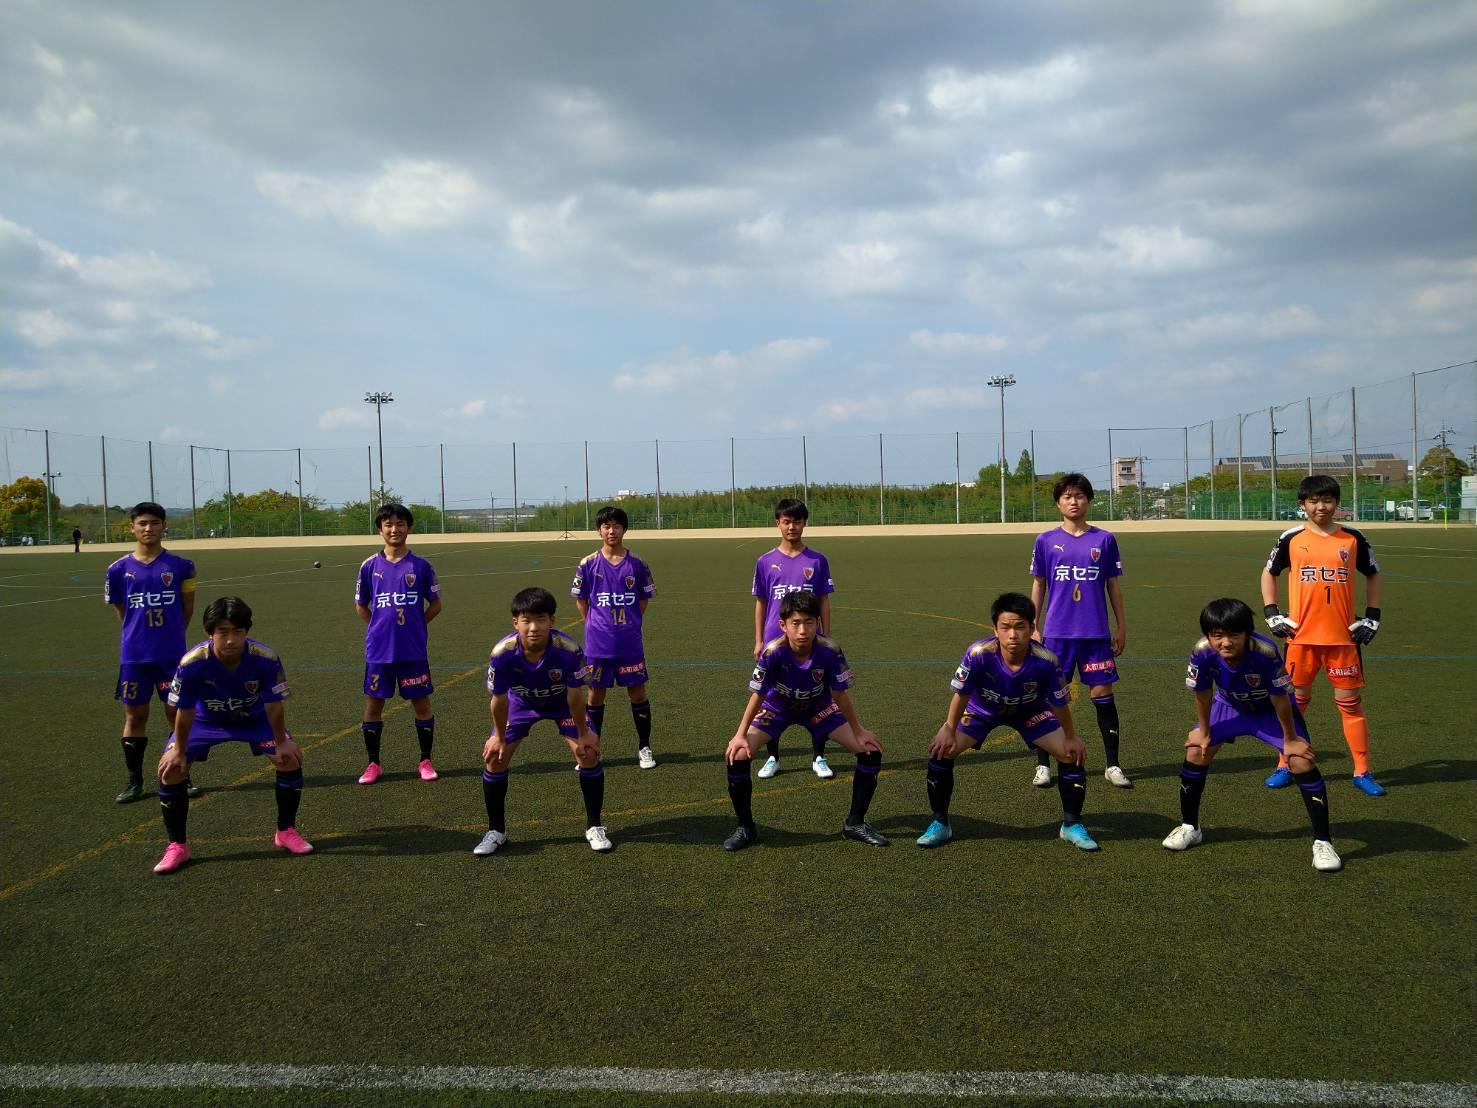 【U-15】クラブユース選手権U-15滋賀県大会予選リーグ第2節